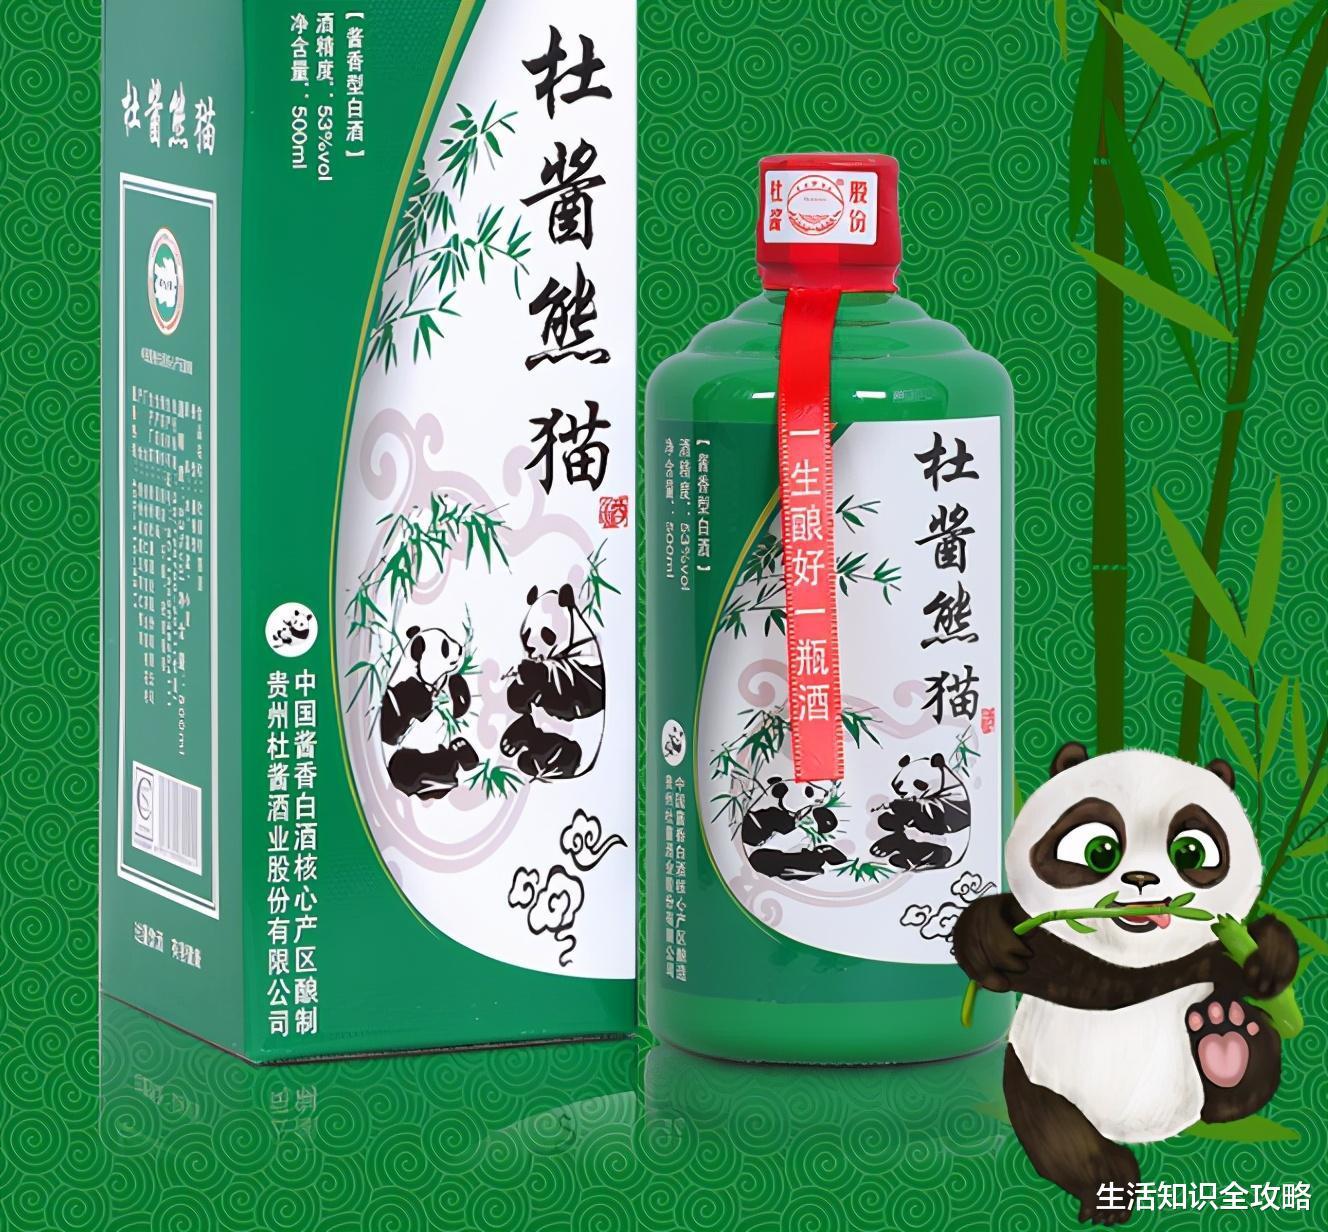 中國尷尬酒,80年代前有錢人才喝,現在低價倉庫沒有人碰-圖6